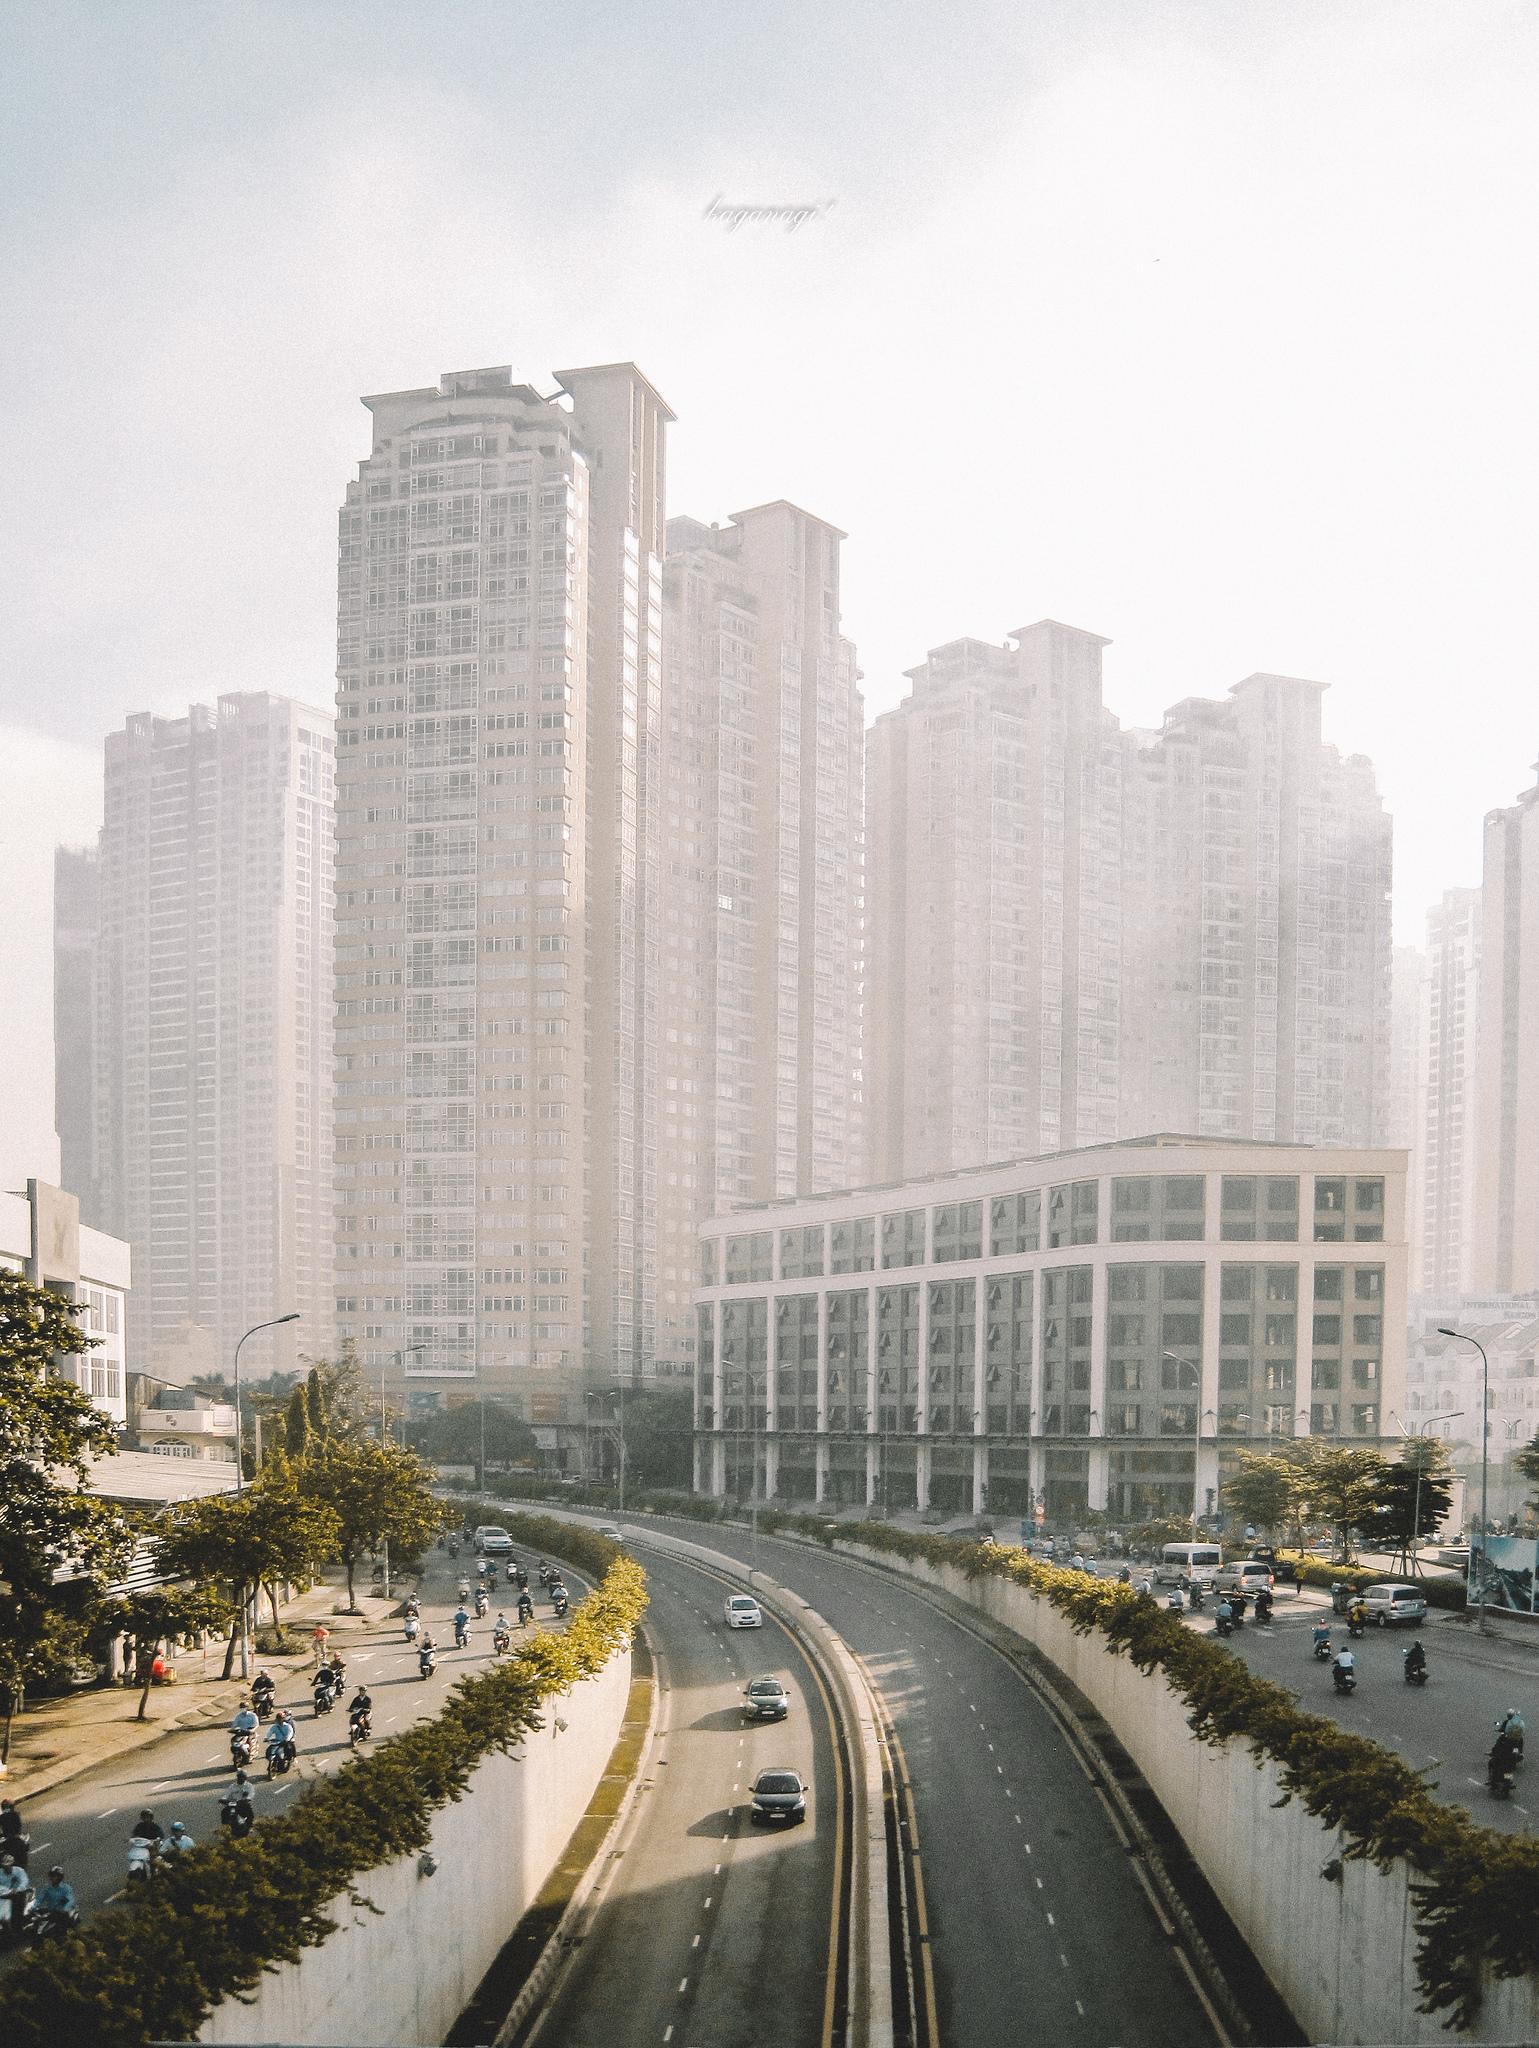 9x với loạt ảnh chụp từ trên cao khiến bạn ngỡ ngàng vì vẻ đẹp choáng ngợp của Sài Gòn - Ảnh 7.